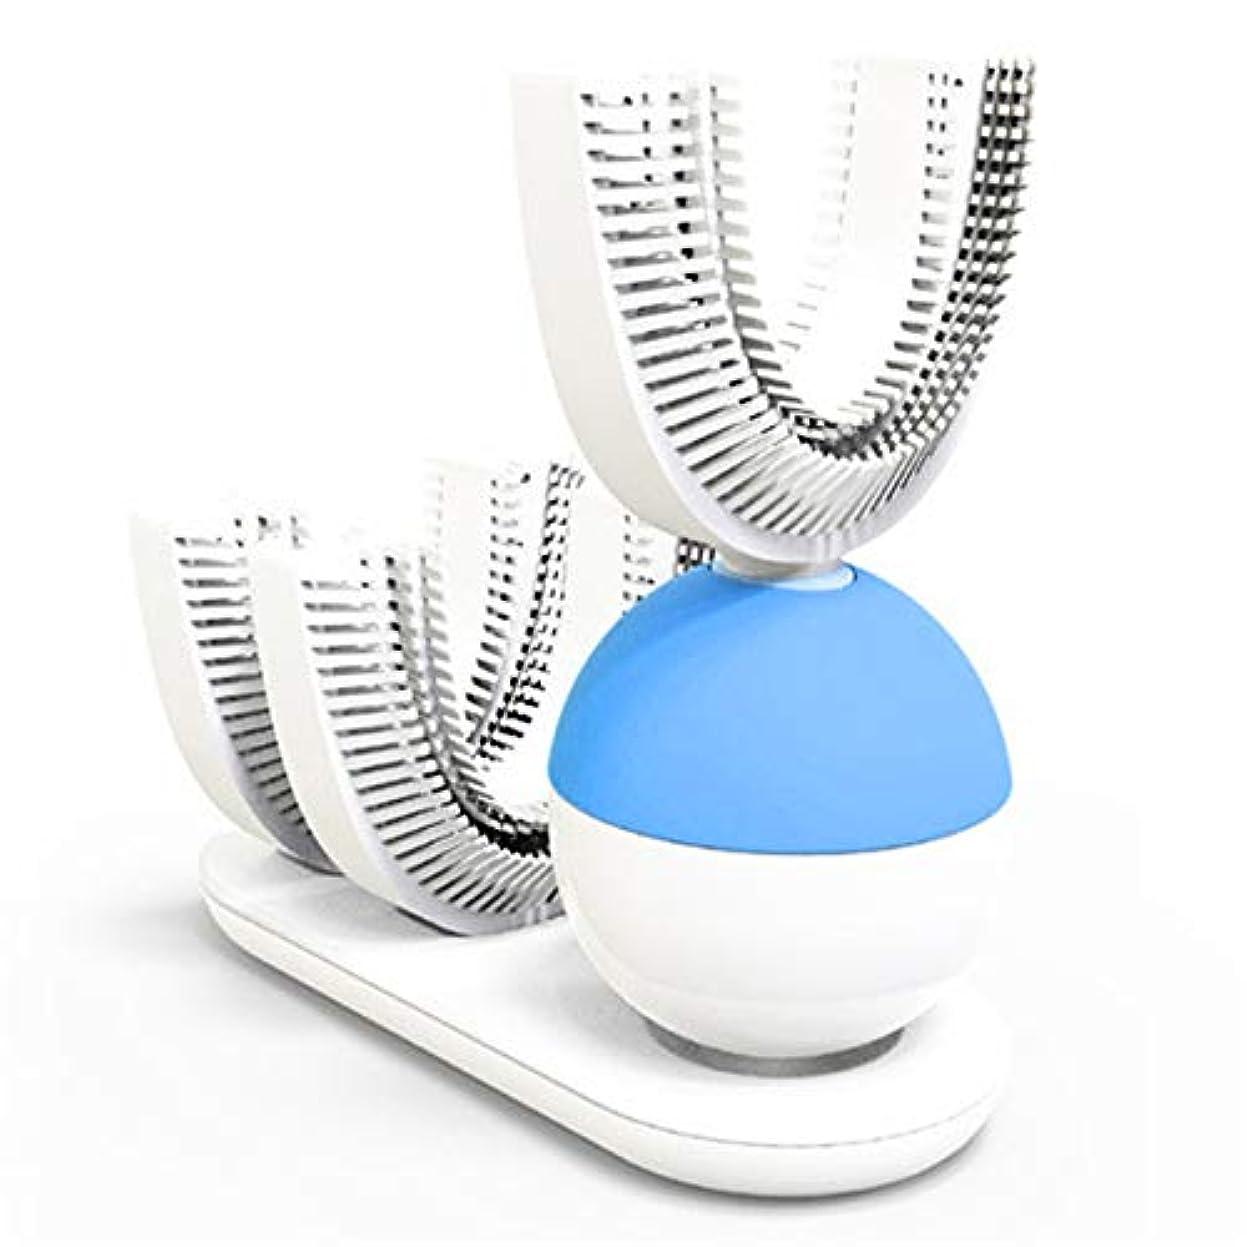 引数列挙する寮電動歯ブラシ 自動歯ブラシ U型 360°全方位 超音波 怠け者歯ブラシ ワイヤレス充電 歯ブラシヘッド付き